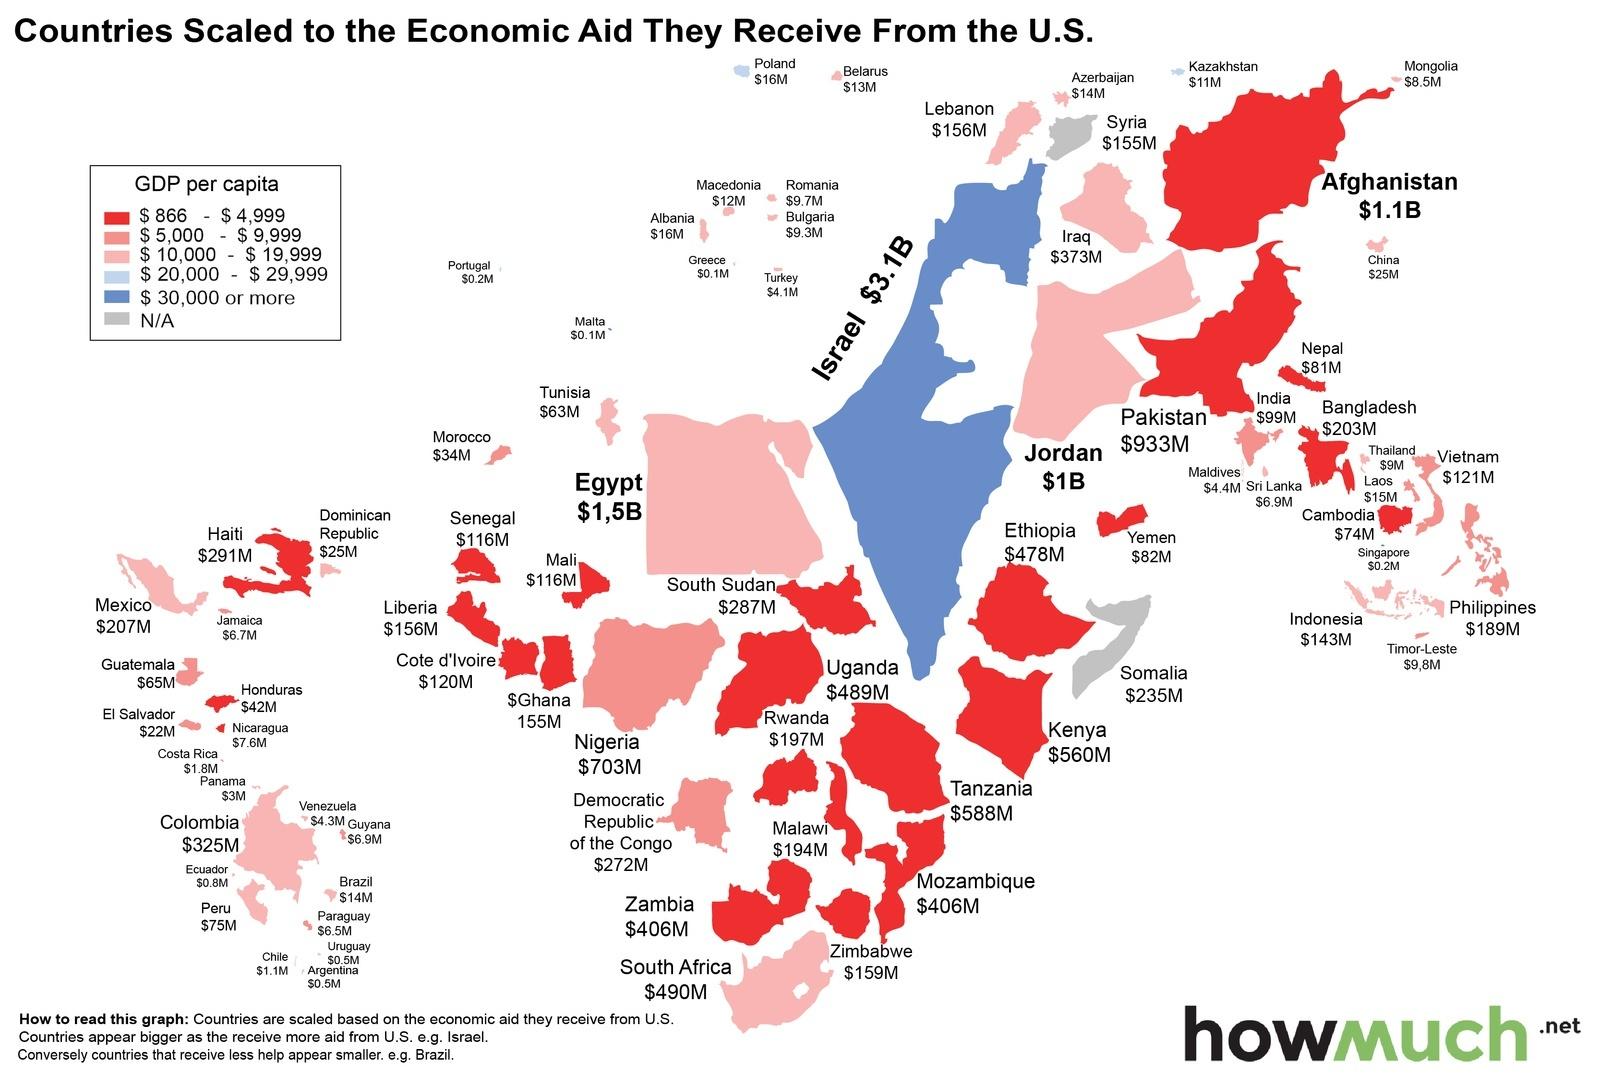 Aiuti dagli USA, mappa con Paesi in forma e colori diversi